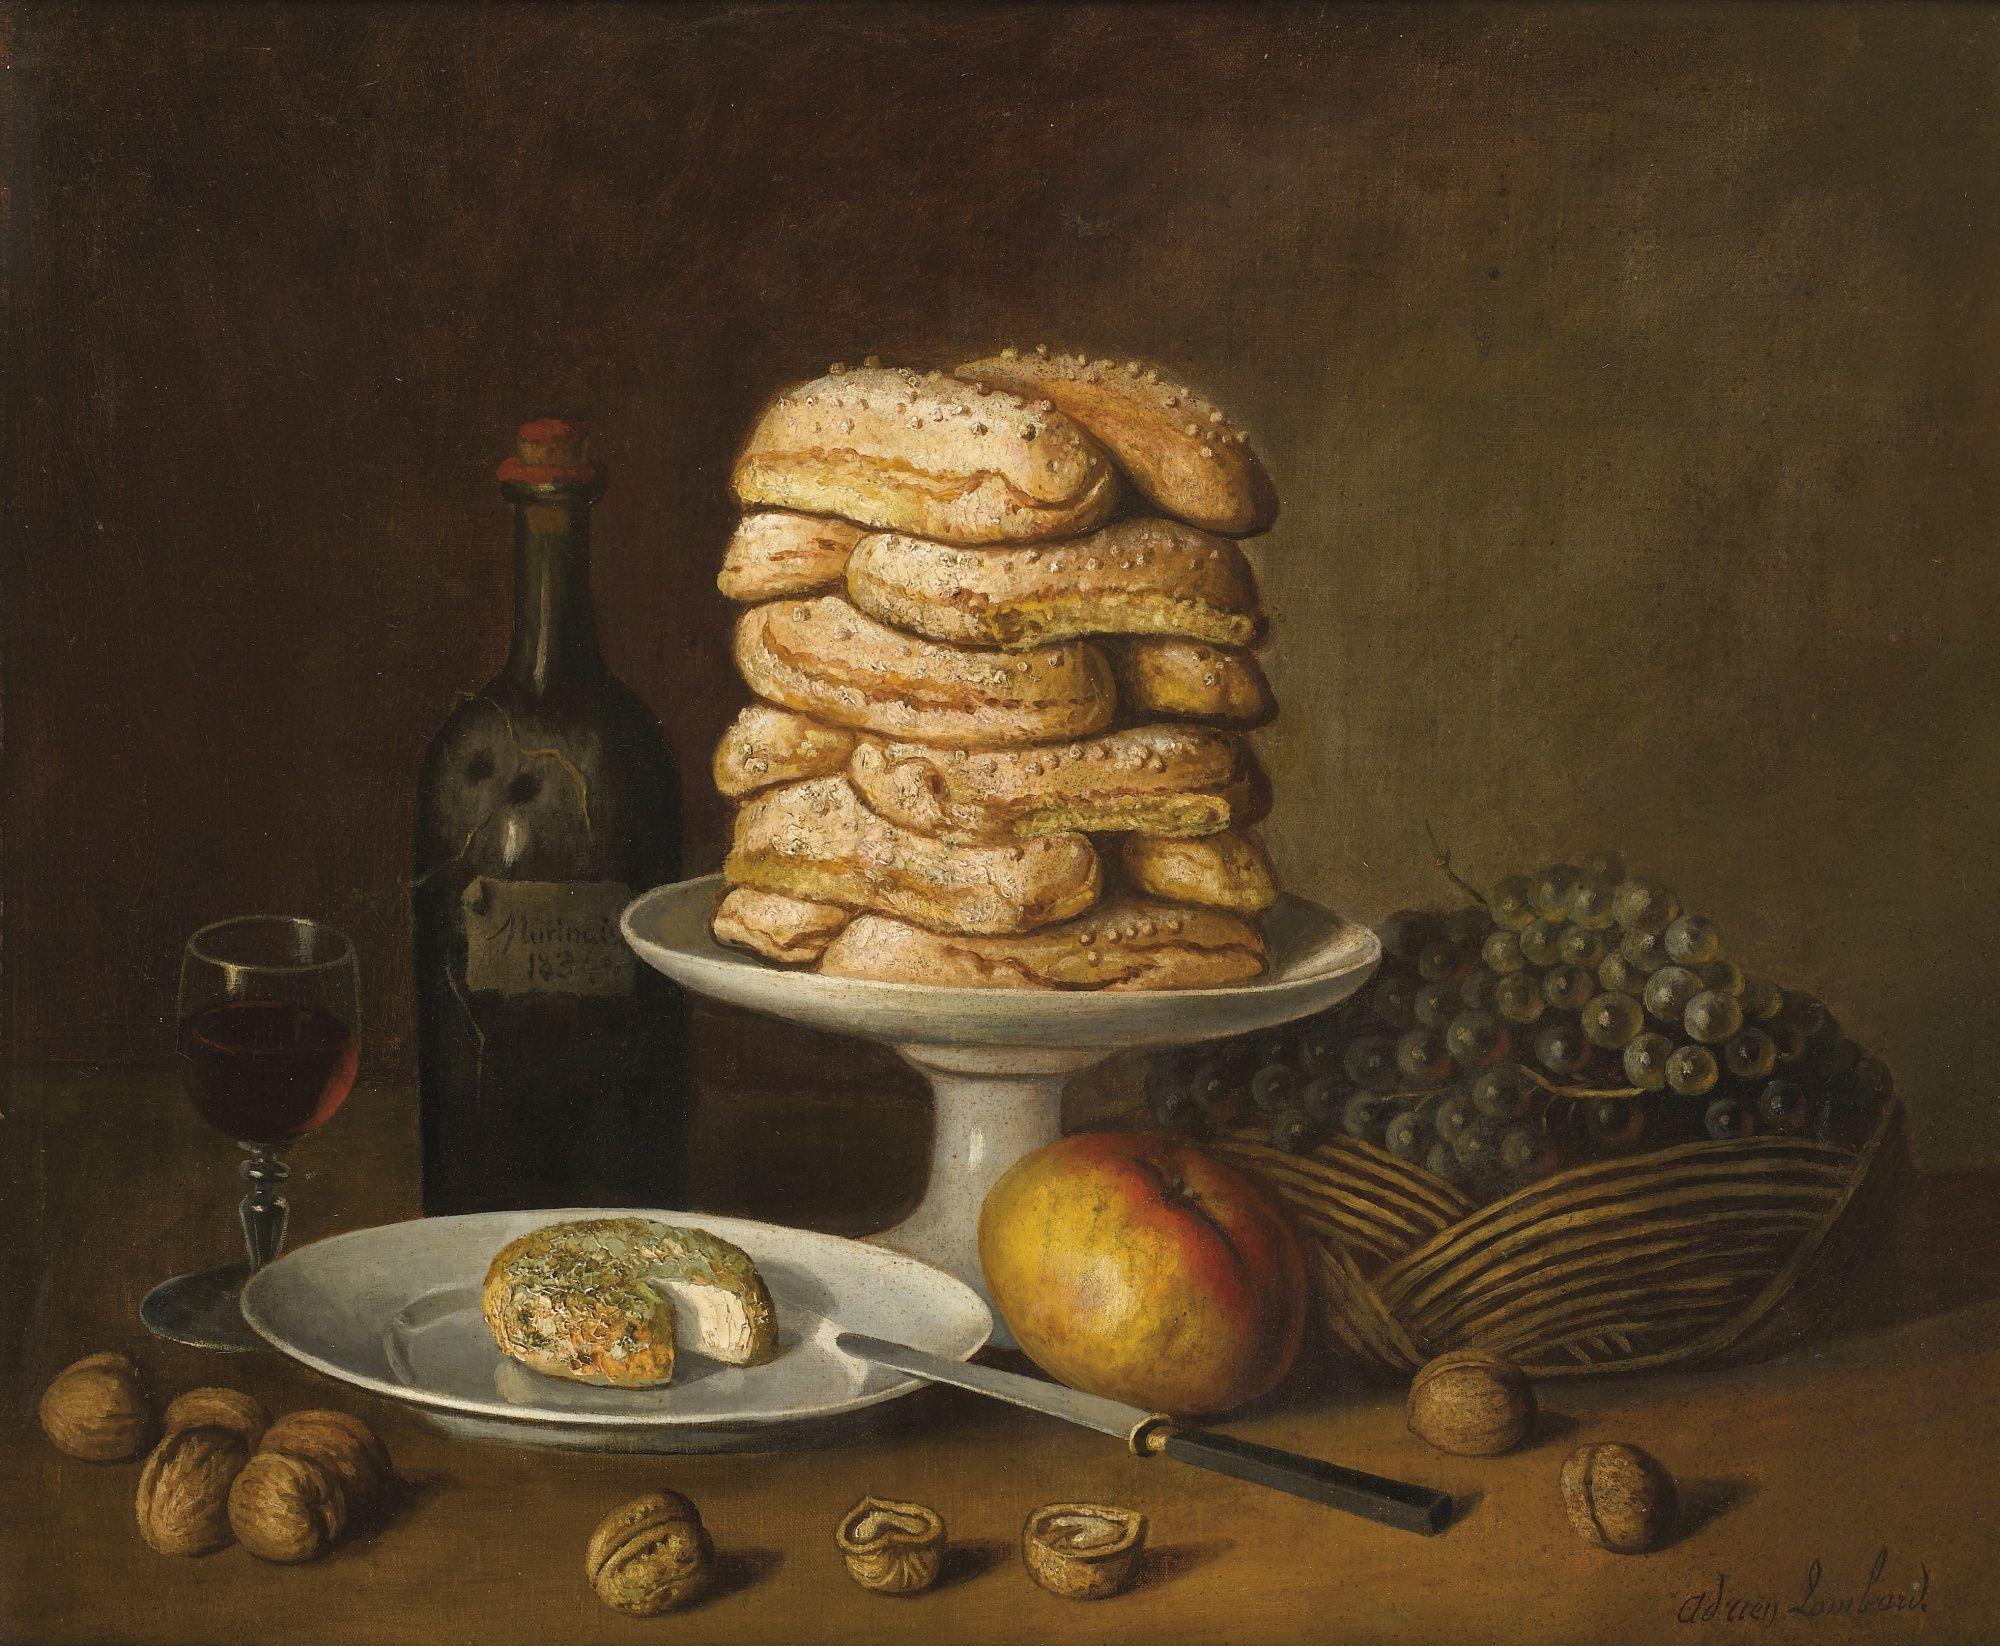 Stilleven met biscuit, Adrien Lombard, halverwege 19e eeuw, privécollectie